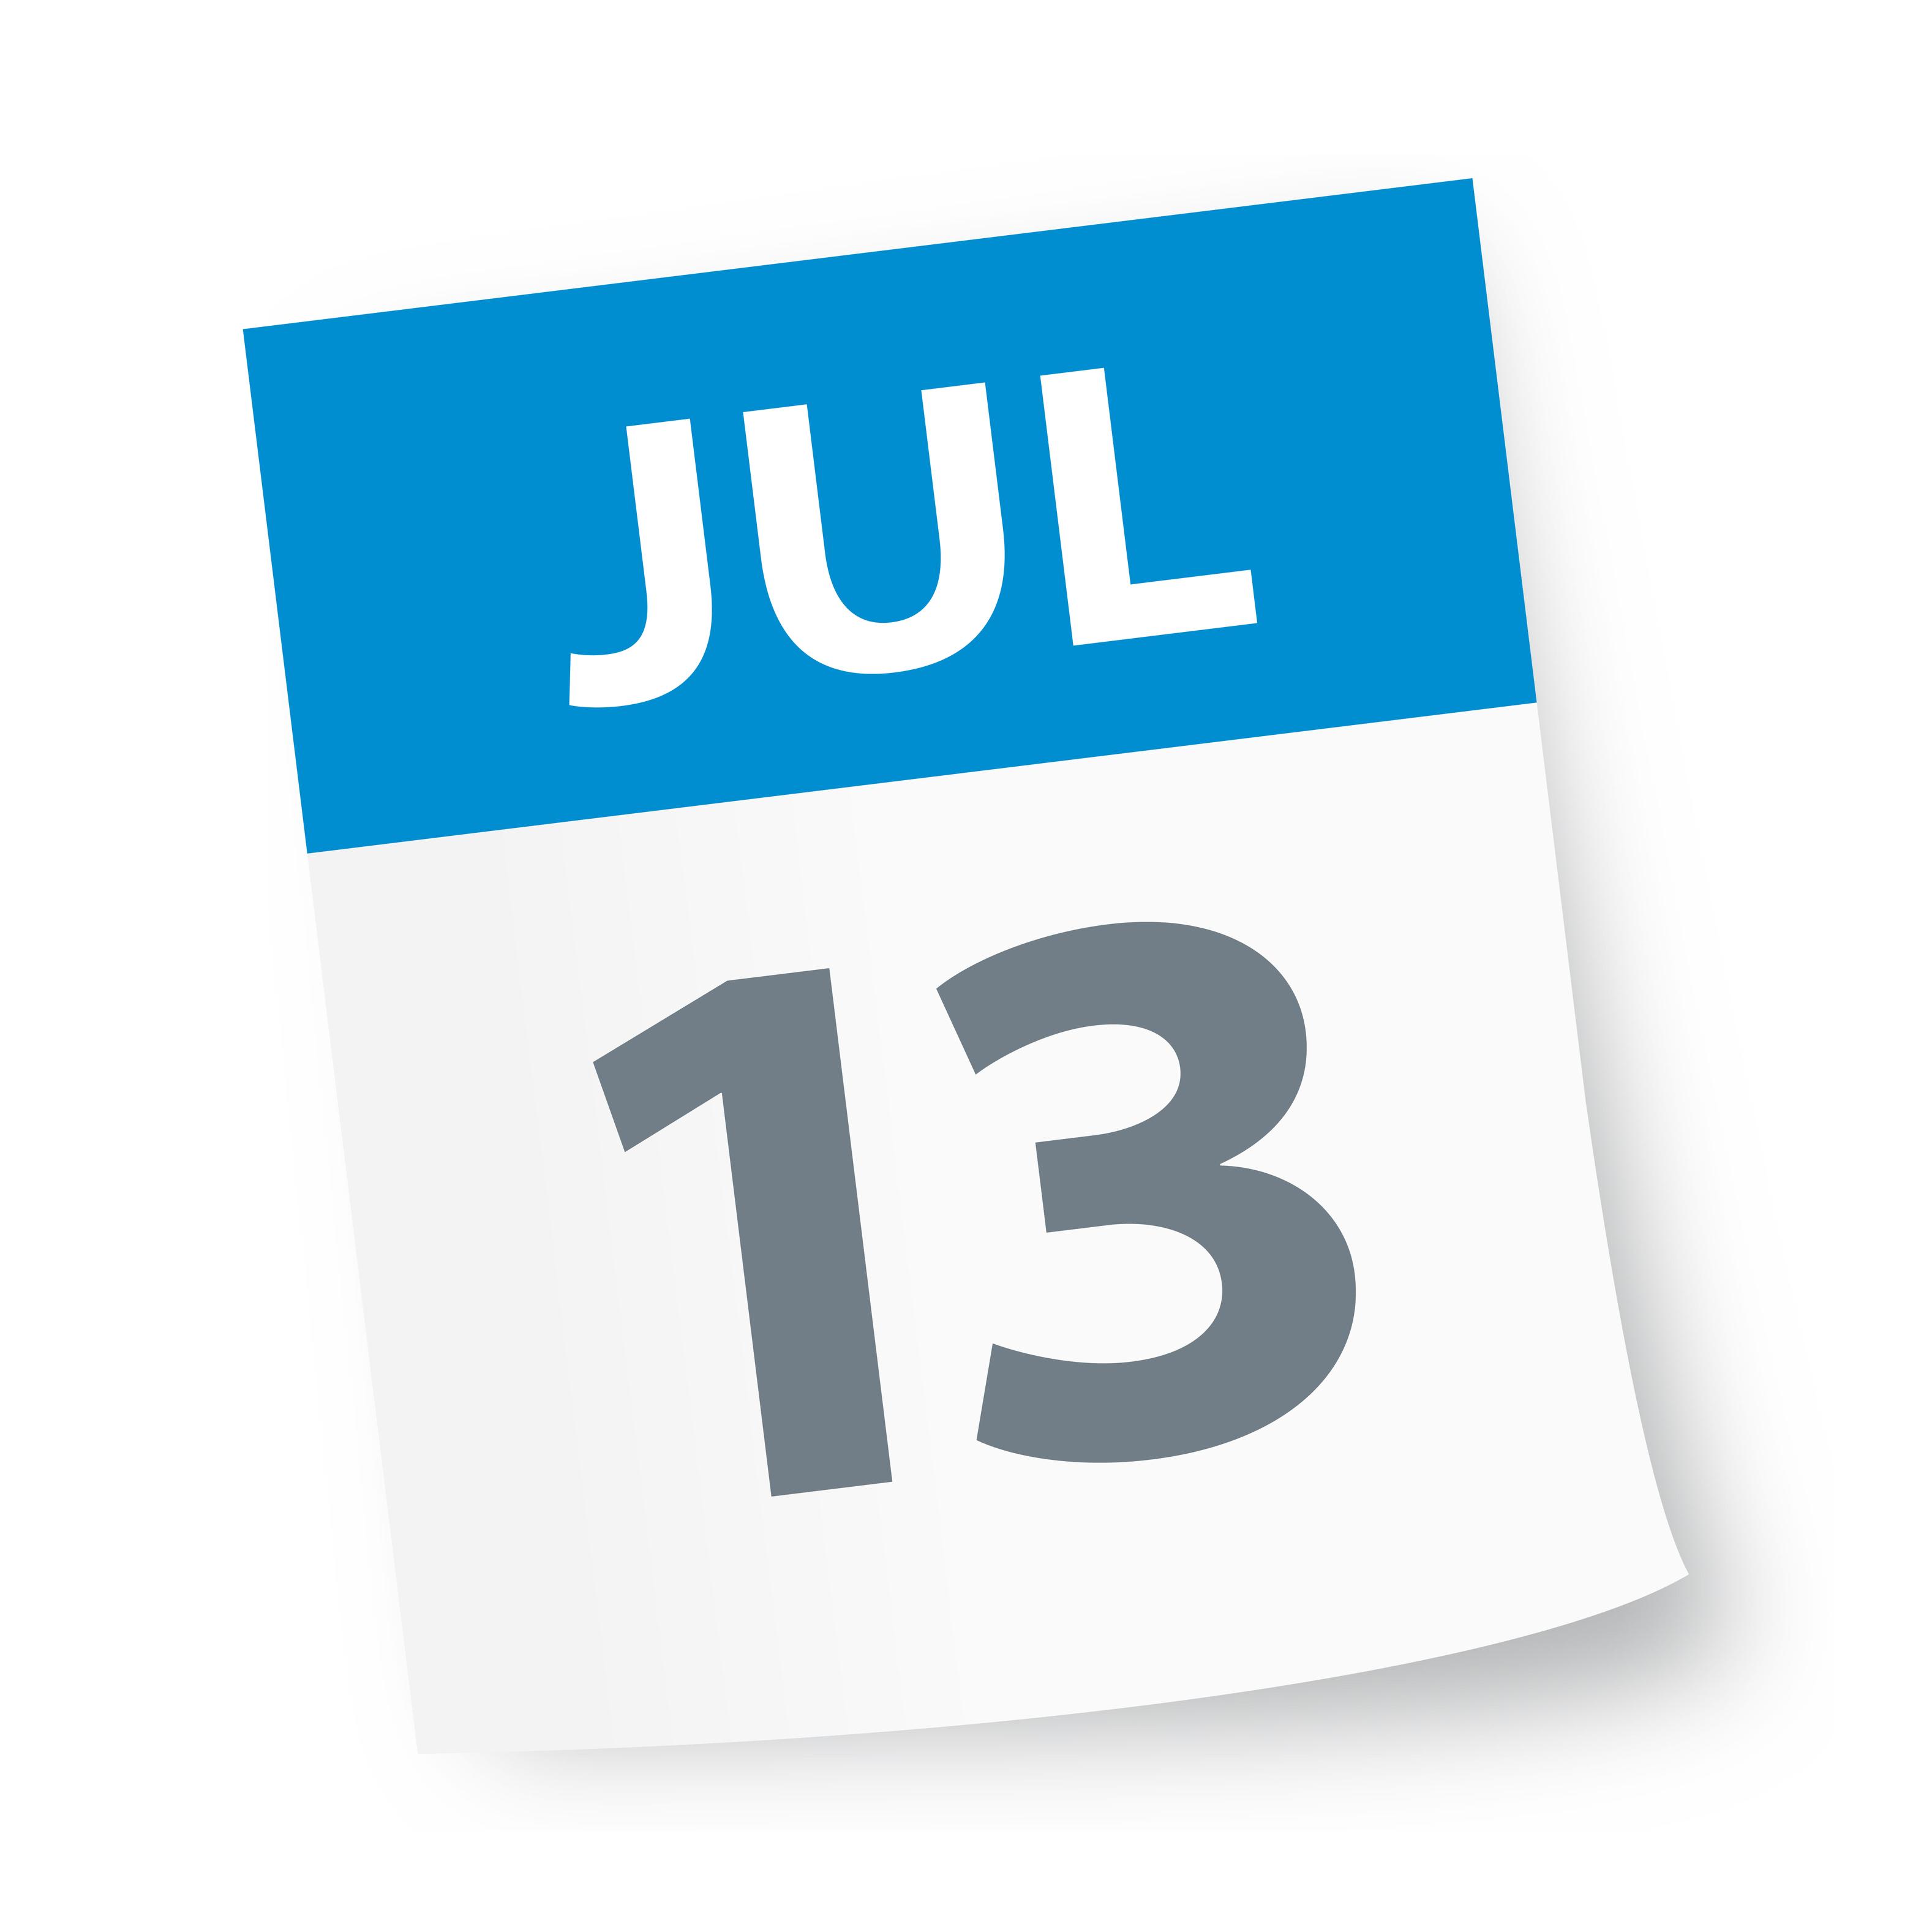 July_13_date_blue_calendar